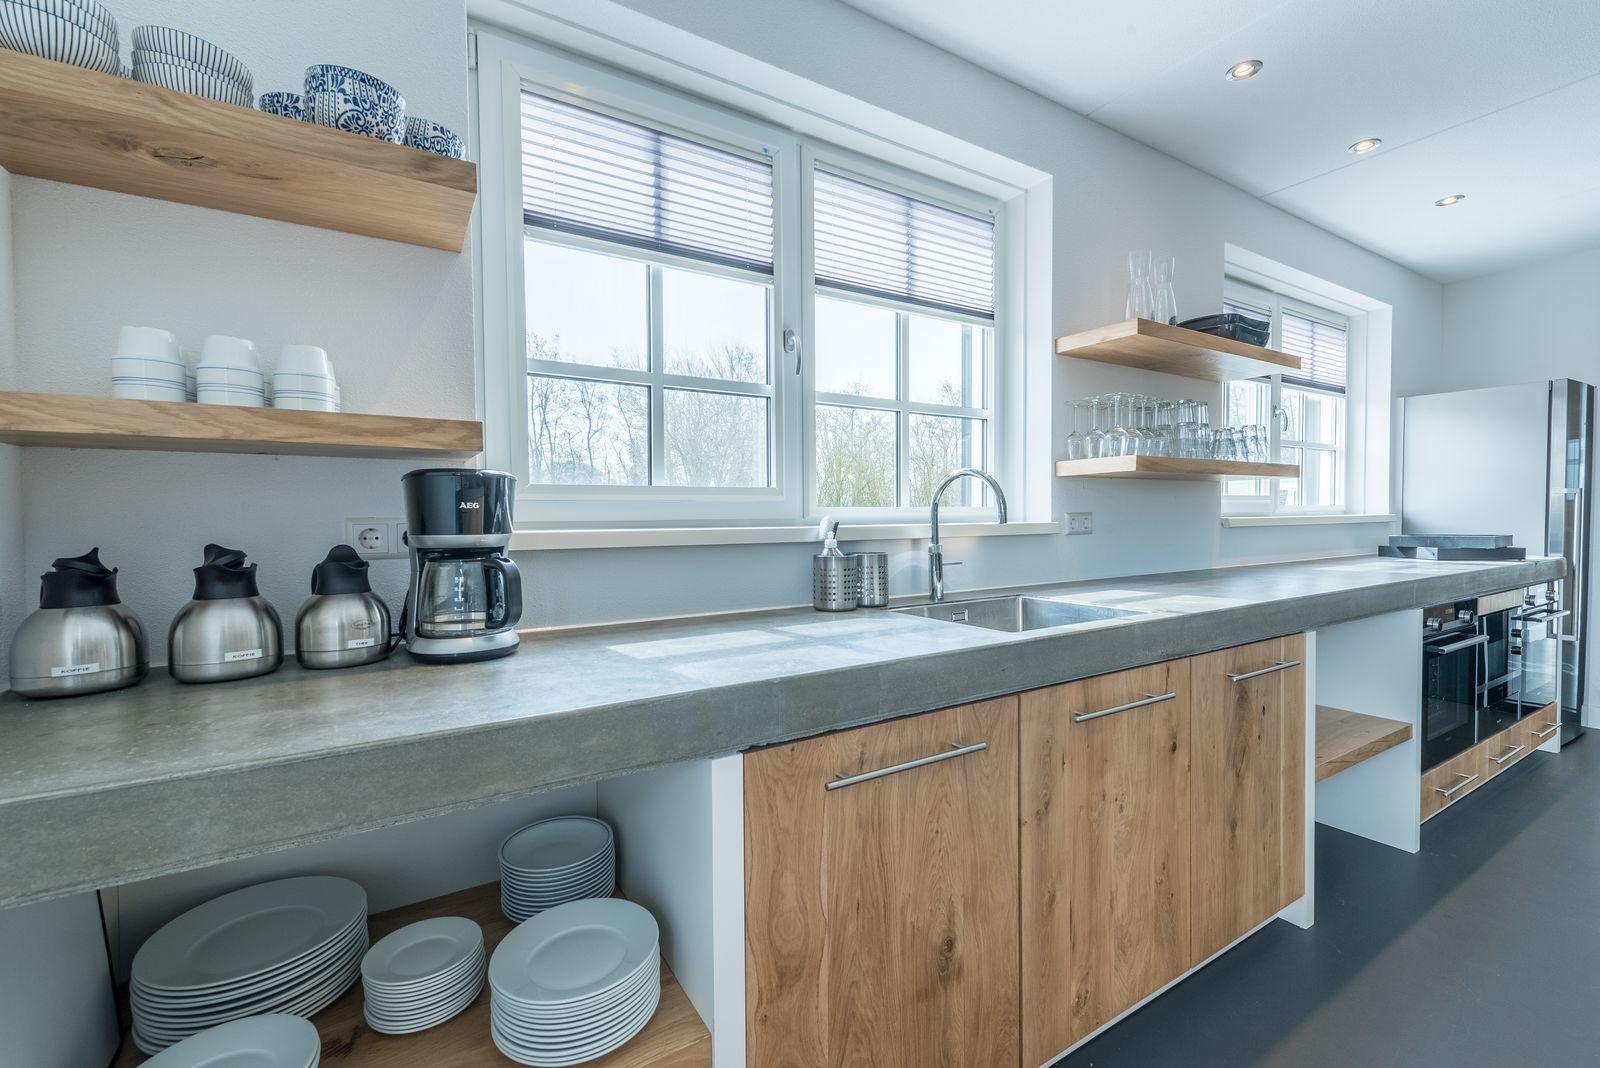 texels landleven xl groepsvakantiehuis met sauna en ecozwemvijver. Black Bedroom Furniture Sets. Home Design Ideas